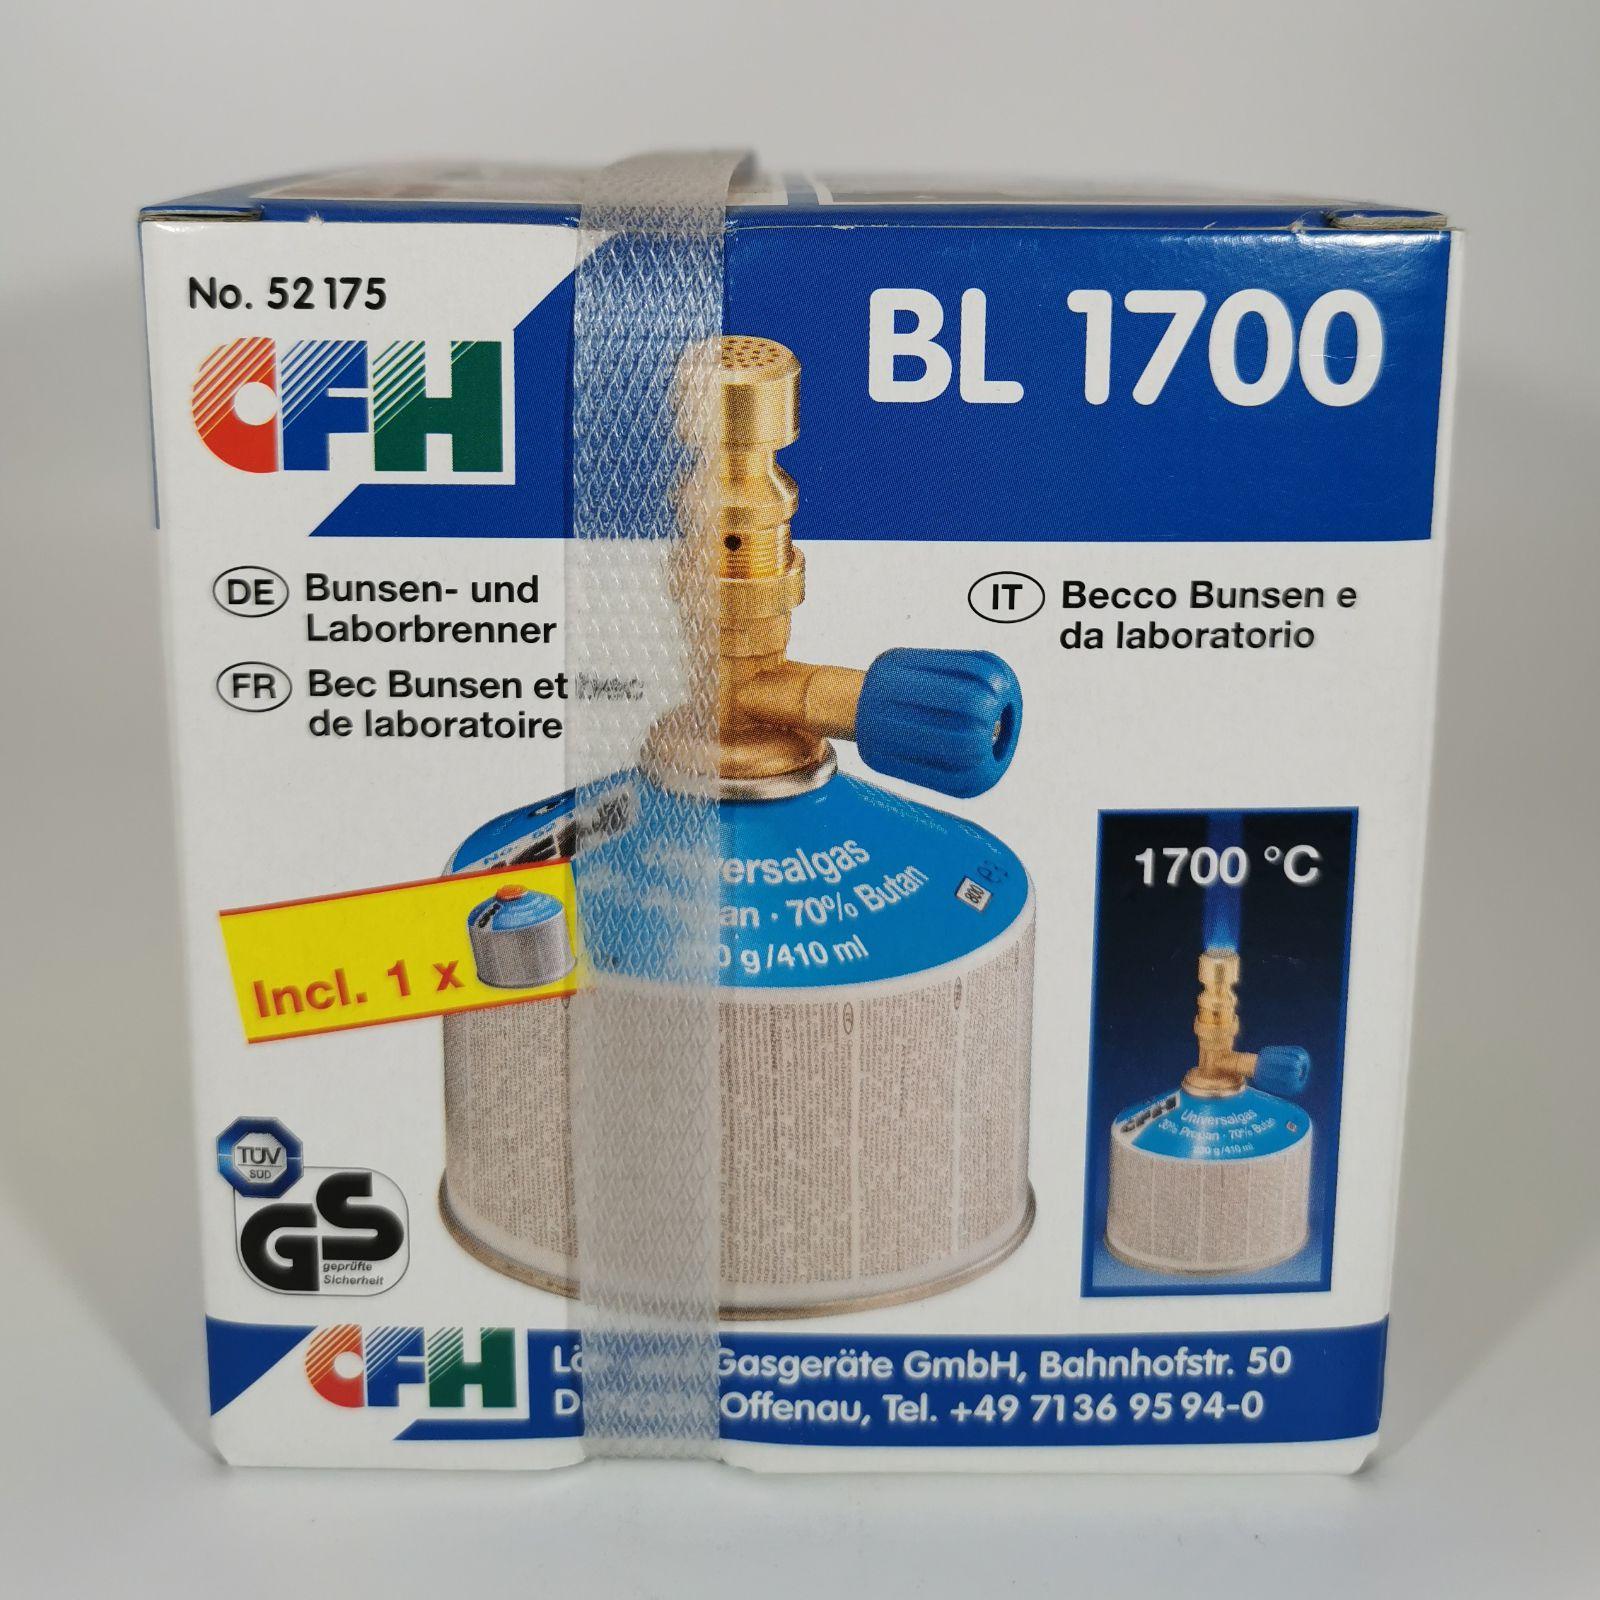 Bunsen- und Laborbrenner BL1700